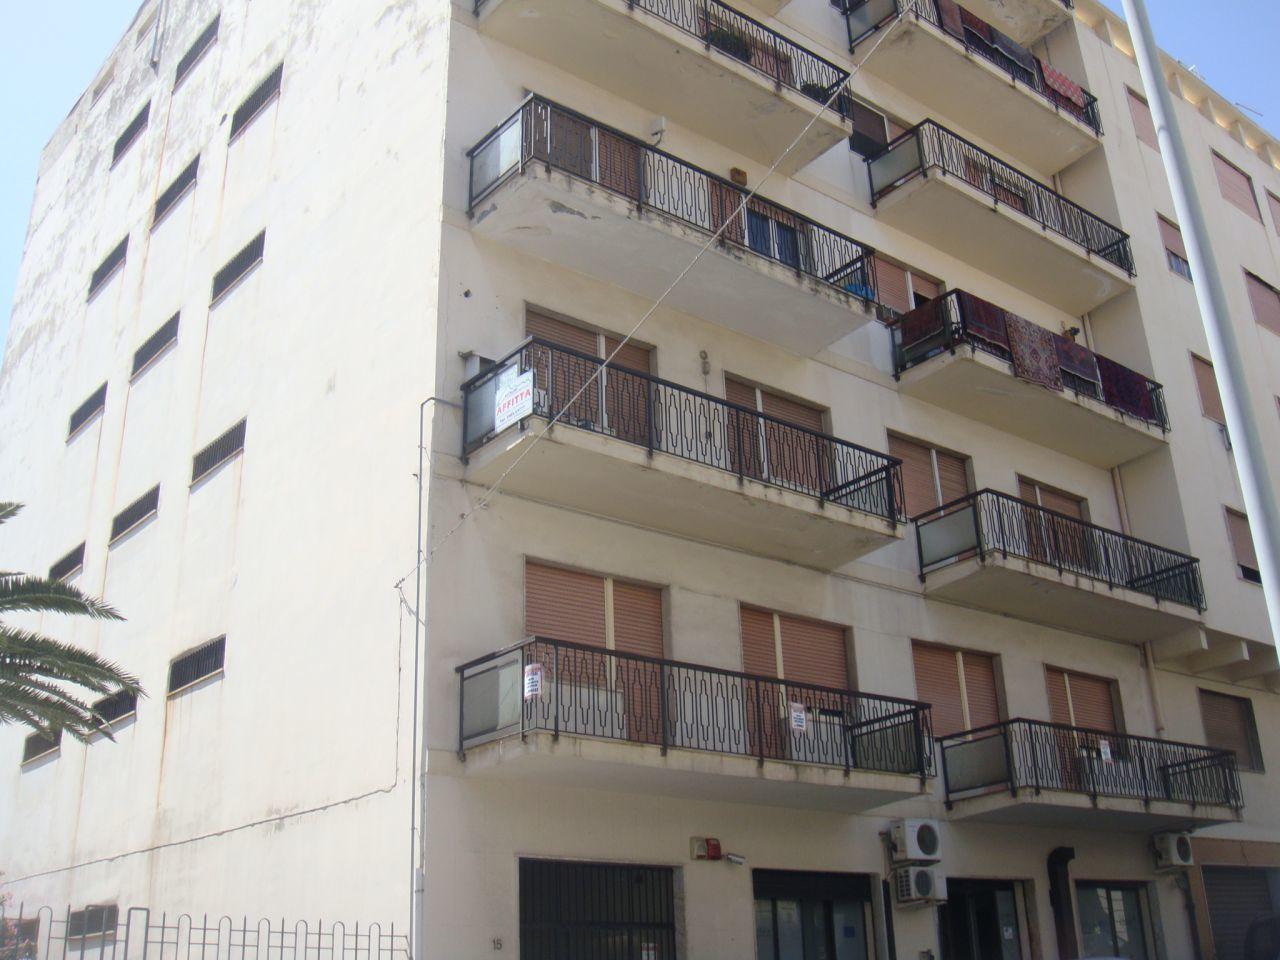 Appartamento in vendita a Reggio Calabria, 3 locali, prezzo € 150.000 | CambioCasa.it